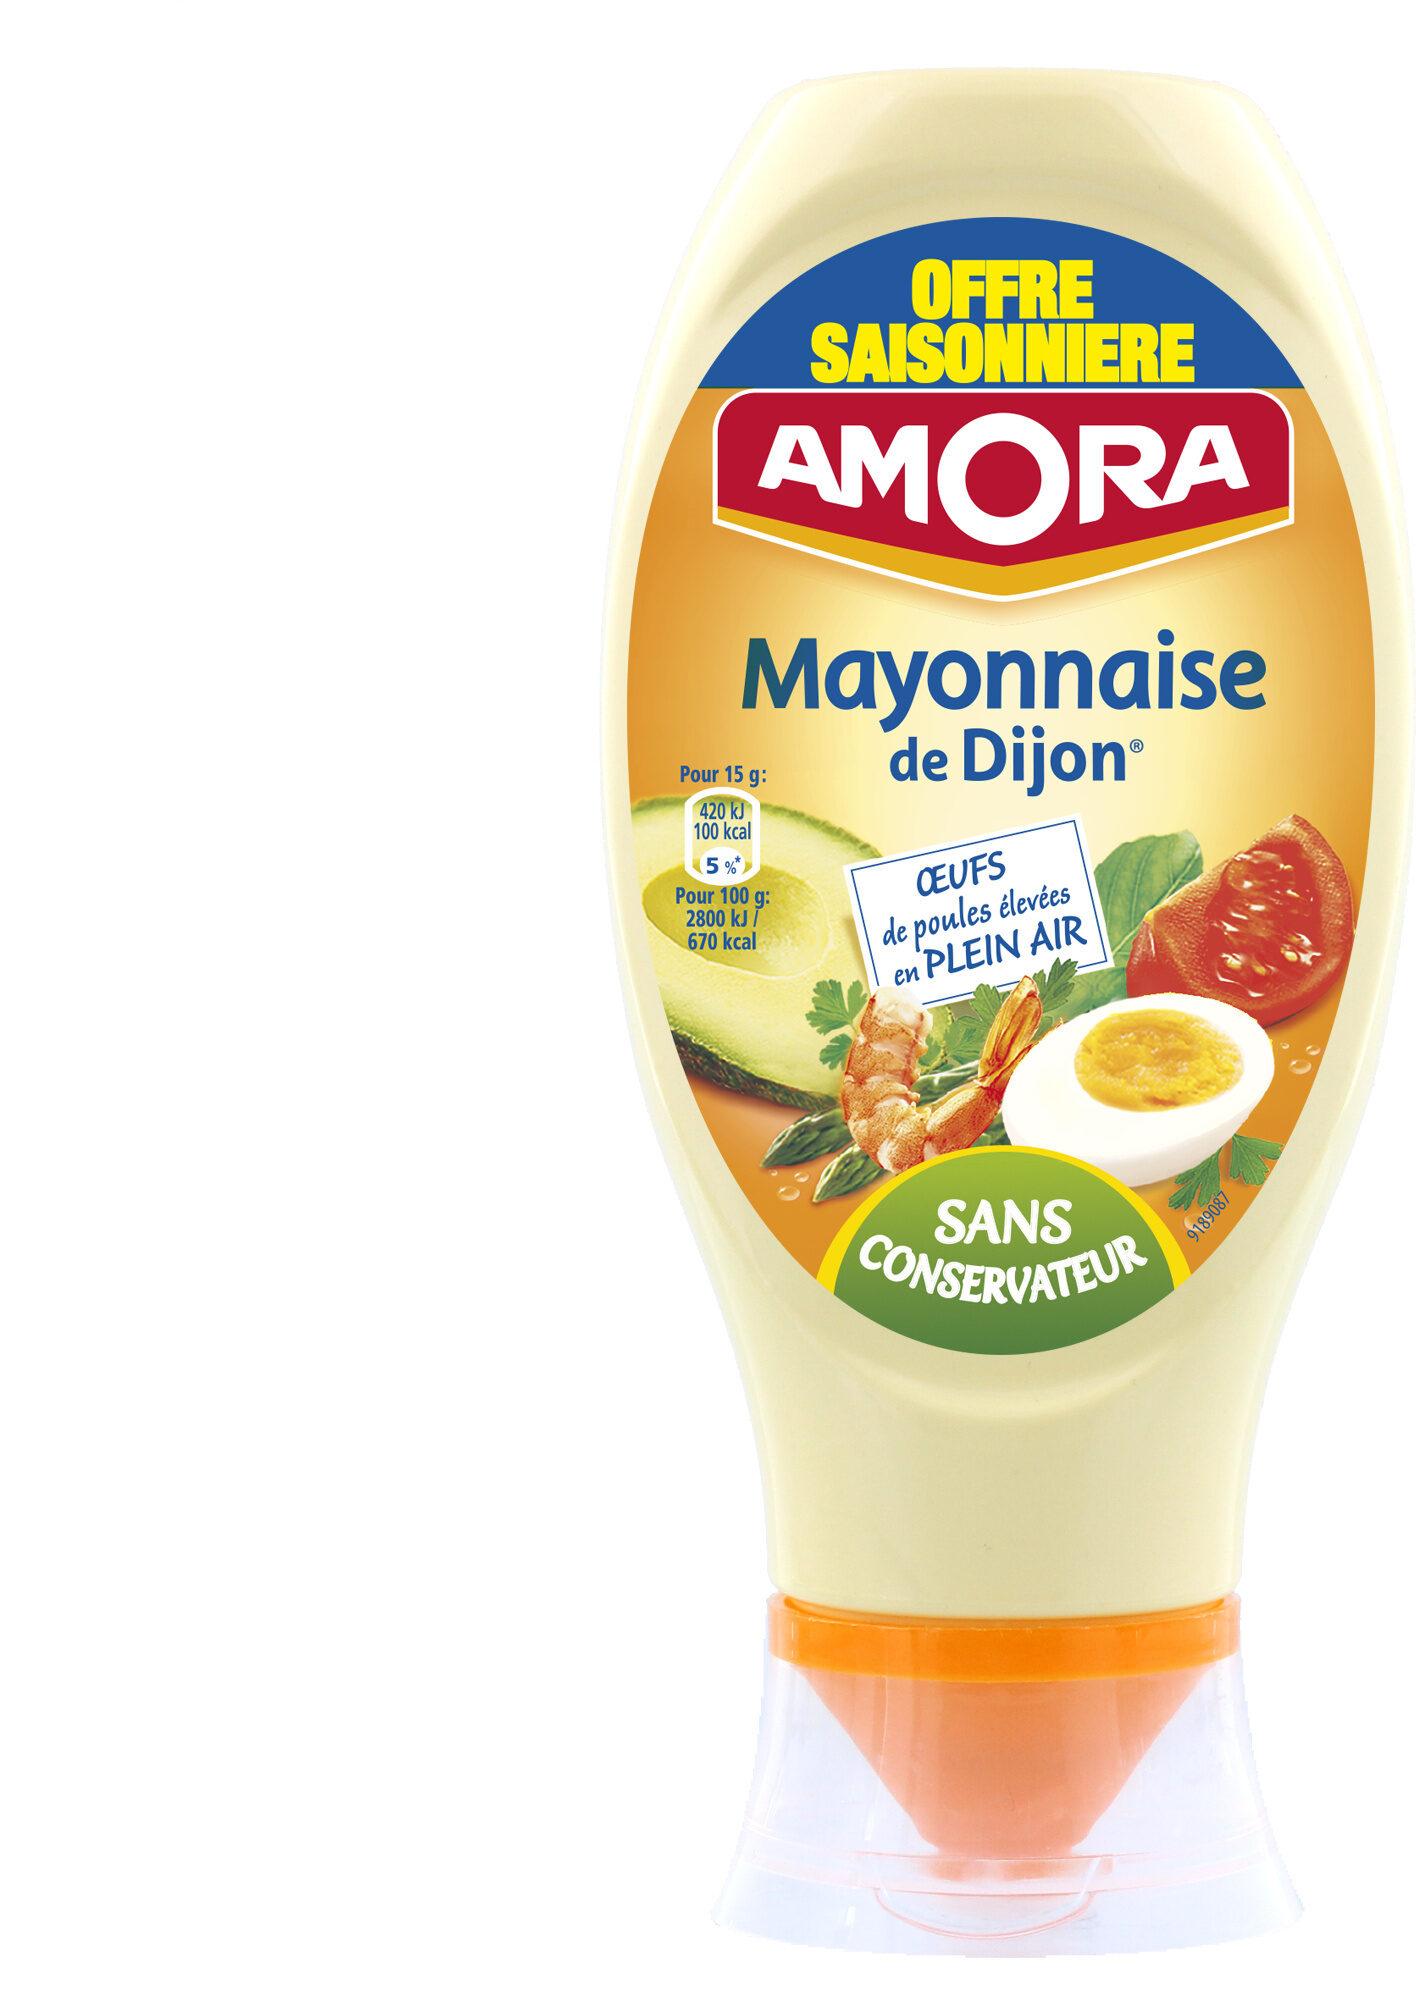 Amora Mayonnaise Nature Flacon Souple 415g Offre Saisonnière - Product - fr